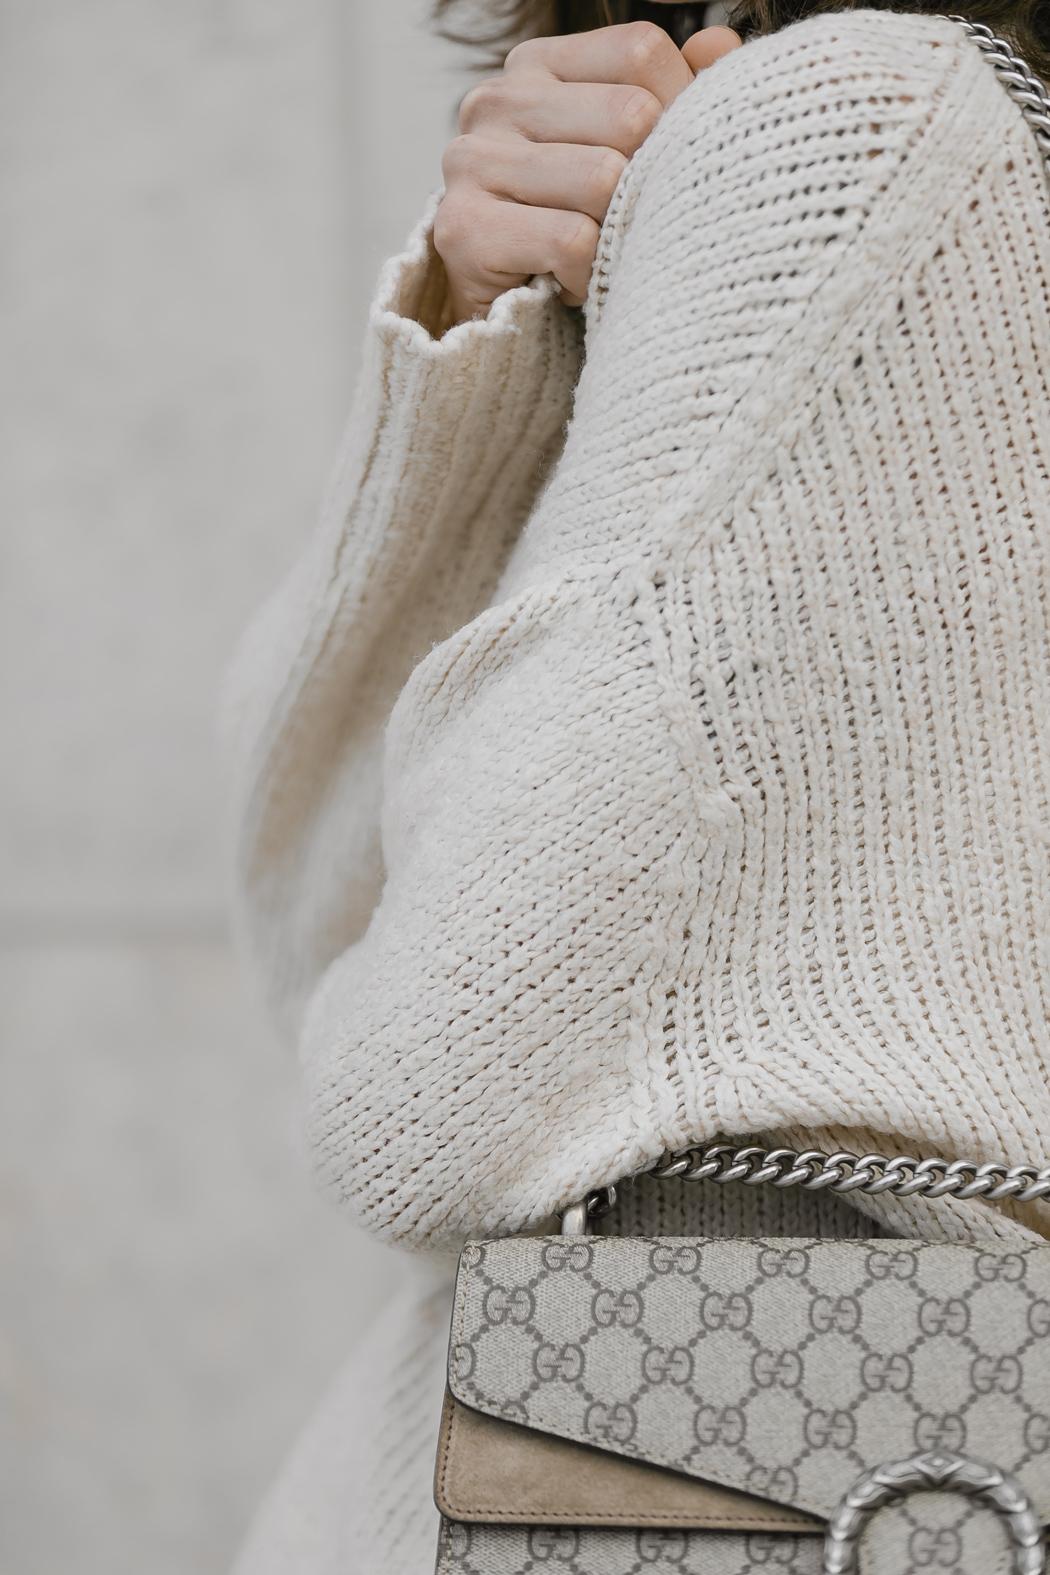 jasmin-kessler-white-winter-outfit-designer-handbag-blogger-2019-b1